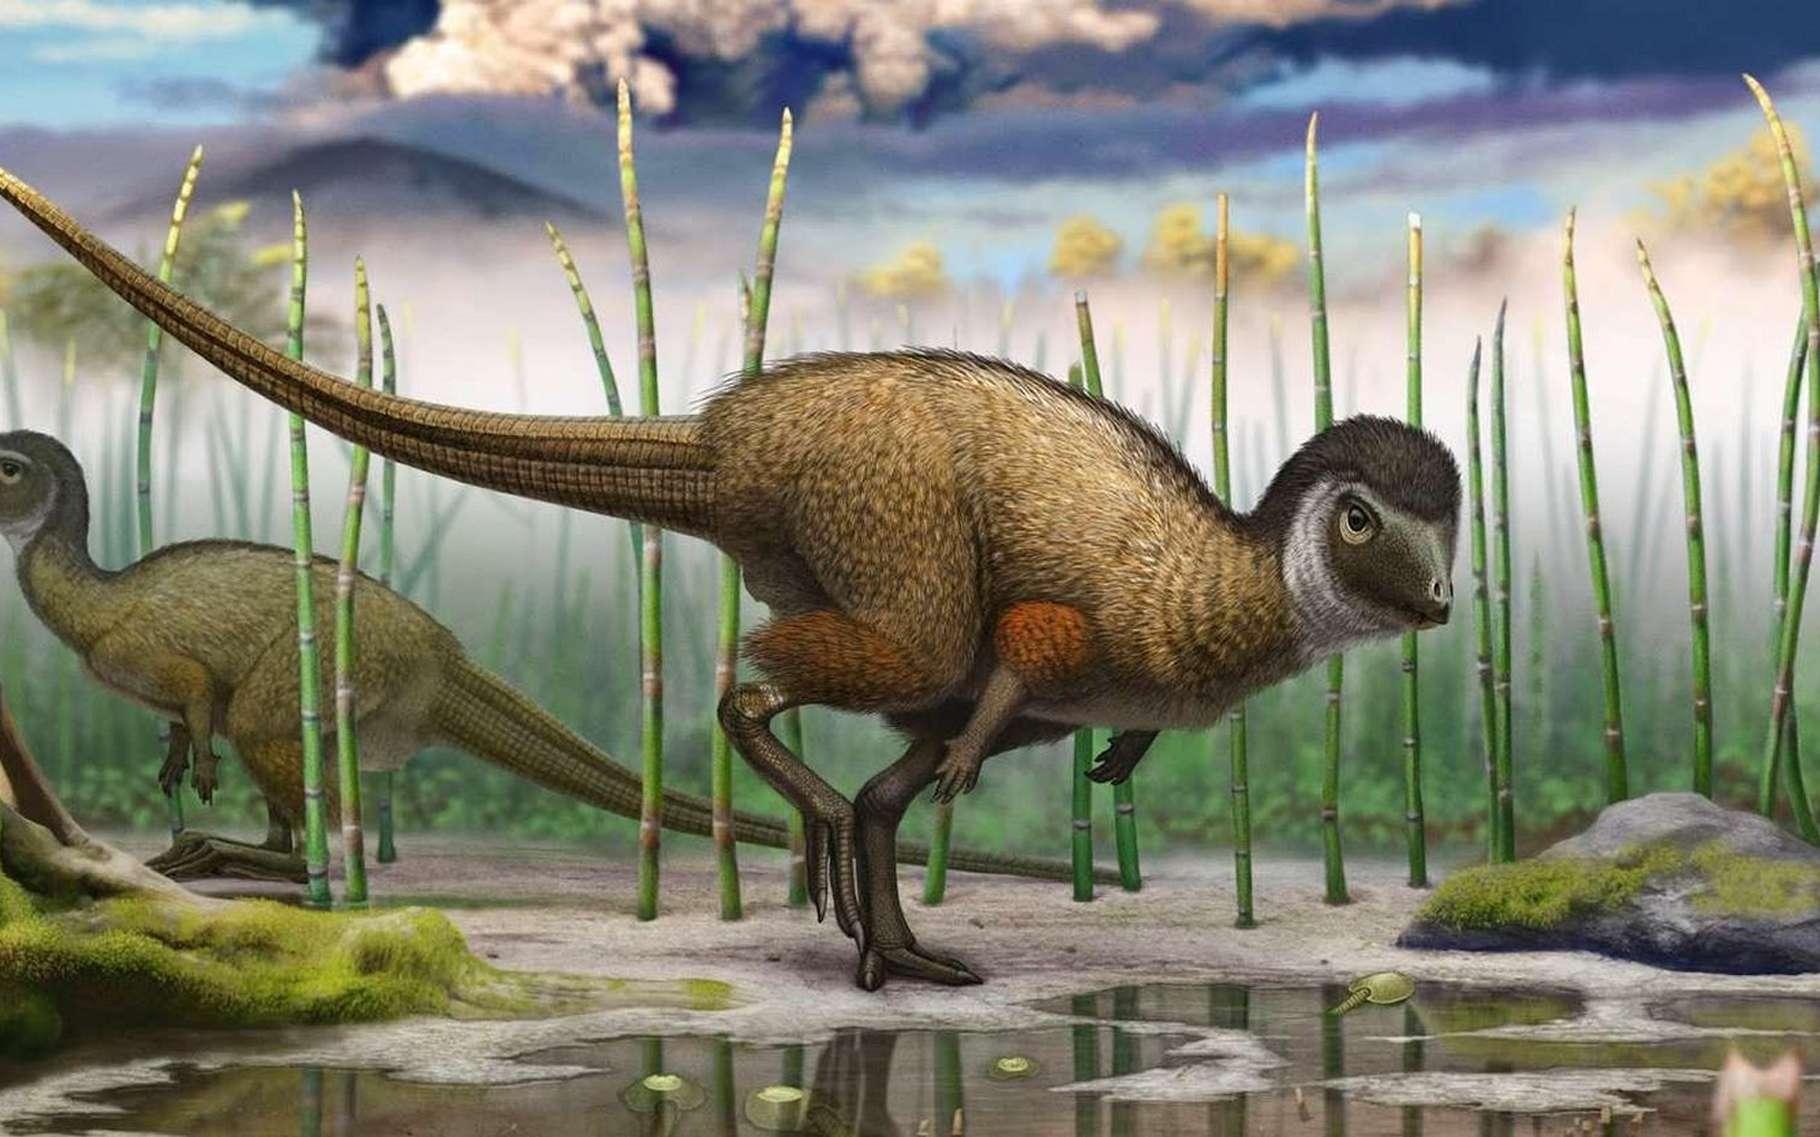 Certains dinosaures se sont couverts de plumes il y a bien longtemps, sans doute il y a plus de 200 millions d'années. Ici, Kulindadromeus zabaikalicus, exhumé à Kulinda, un site bordant la rivière Olov en Sibérie, et qui a vécu entre 144 et 169 millions d'années avant le présent. © Institut royal des Sciences naturelles de Belgique, Andrey Atuchin